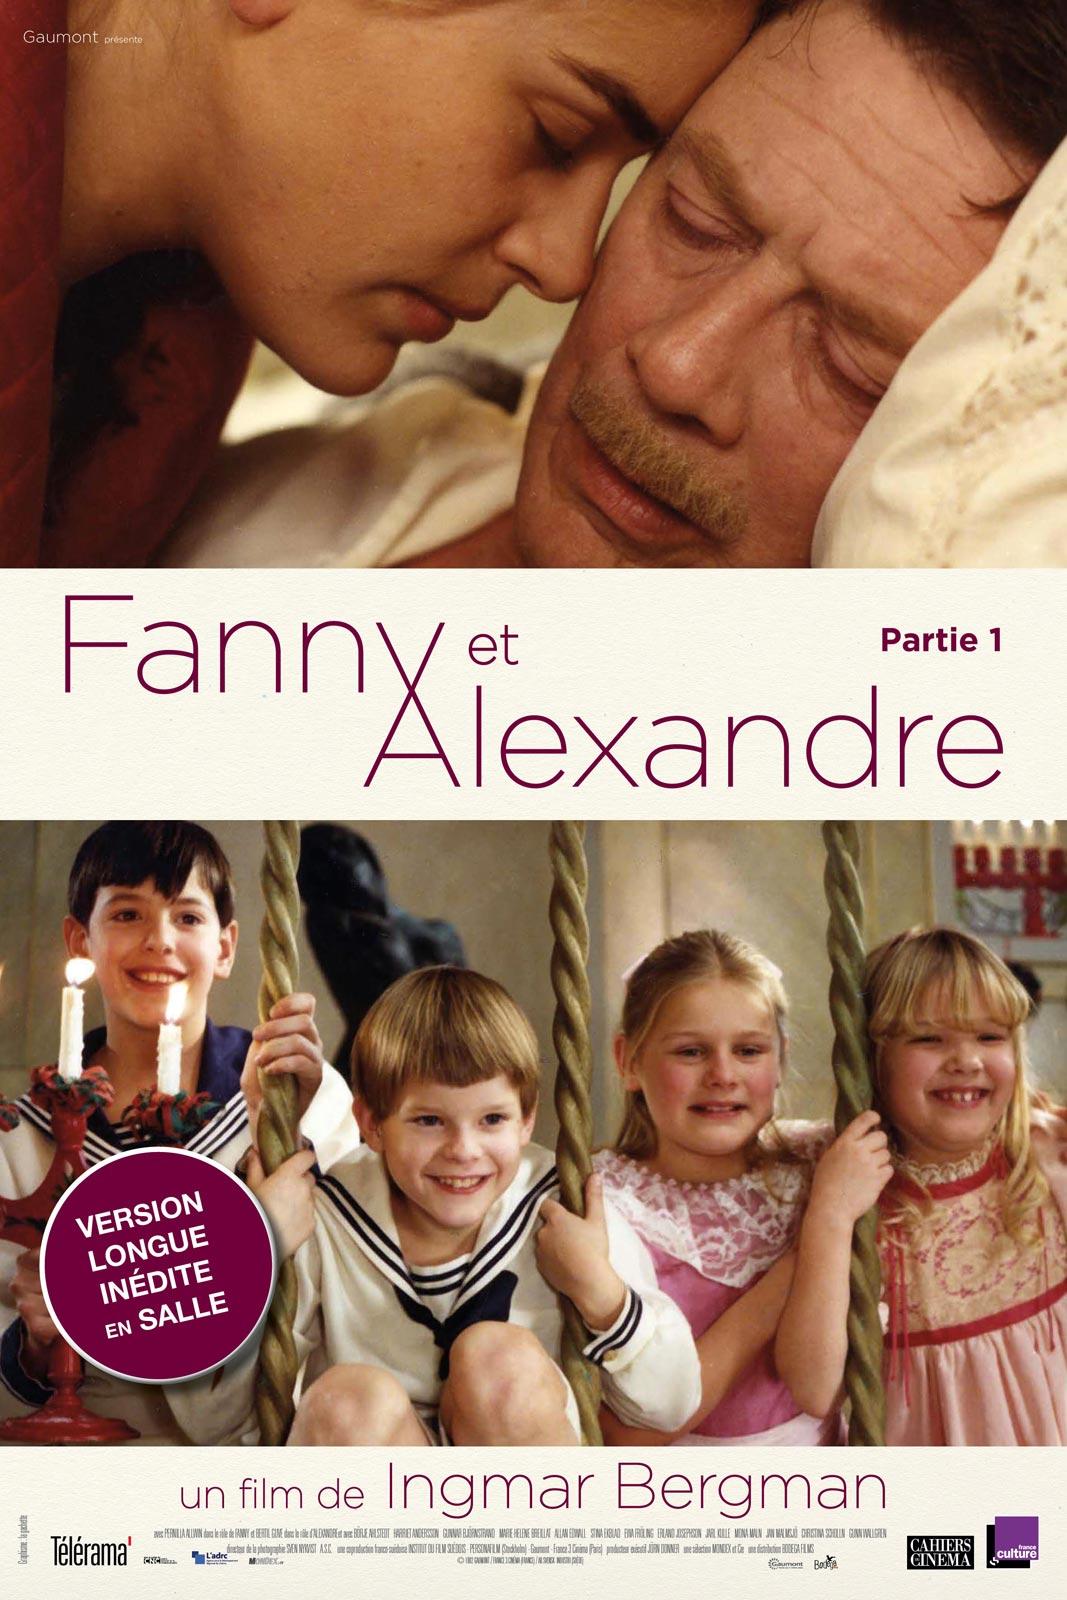 Fanny et Alexandre - Partie 1